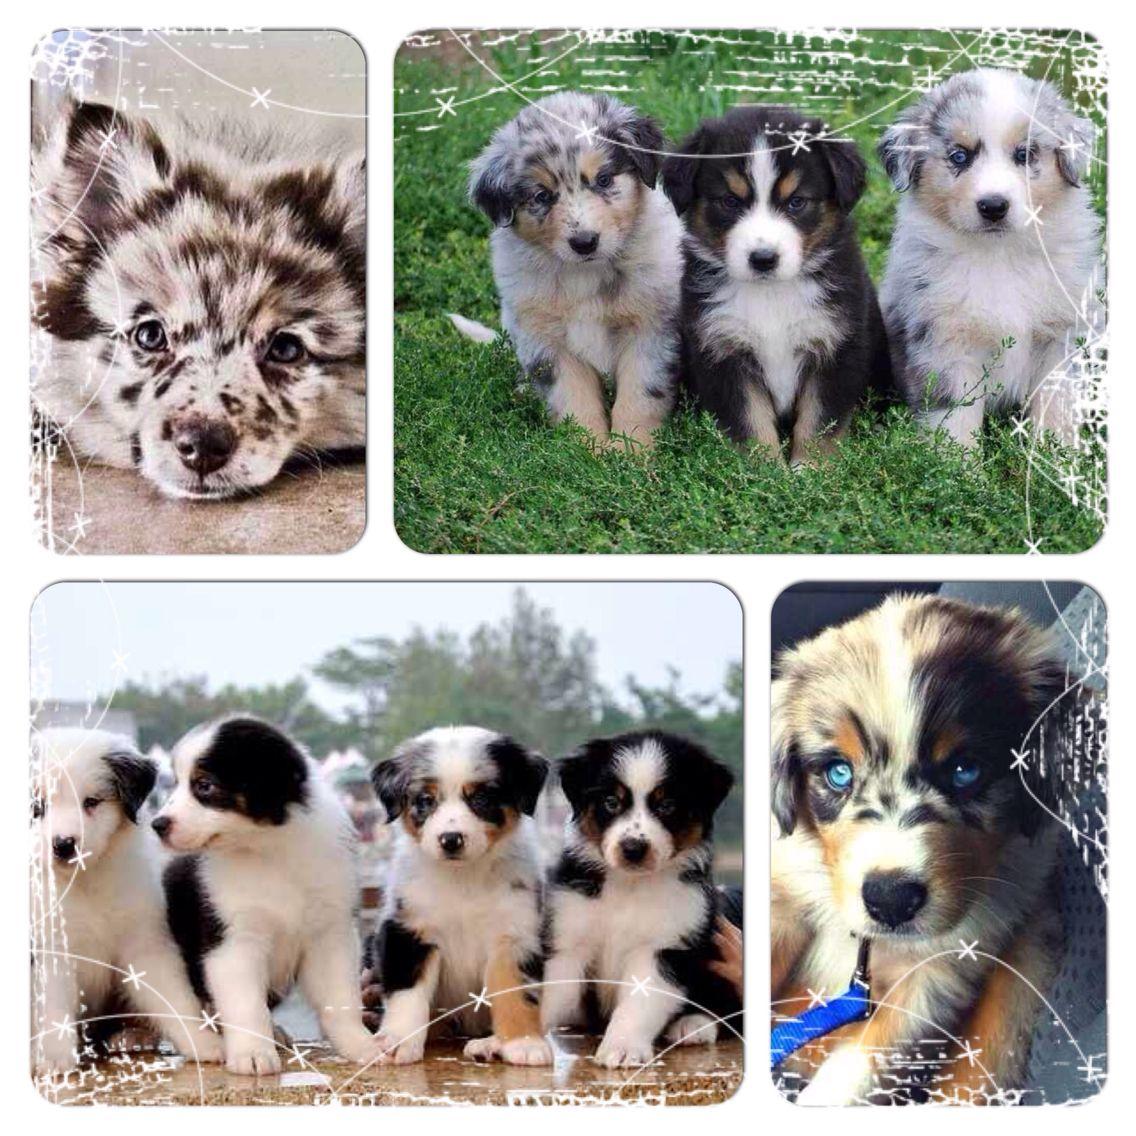 Australian Shepherd puppy's